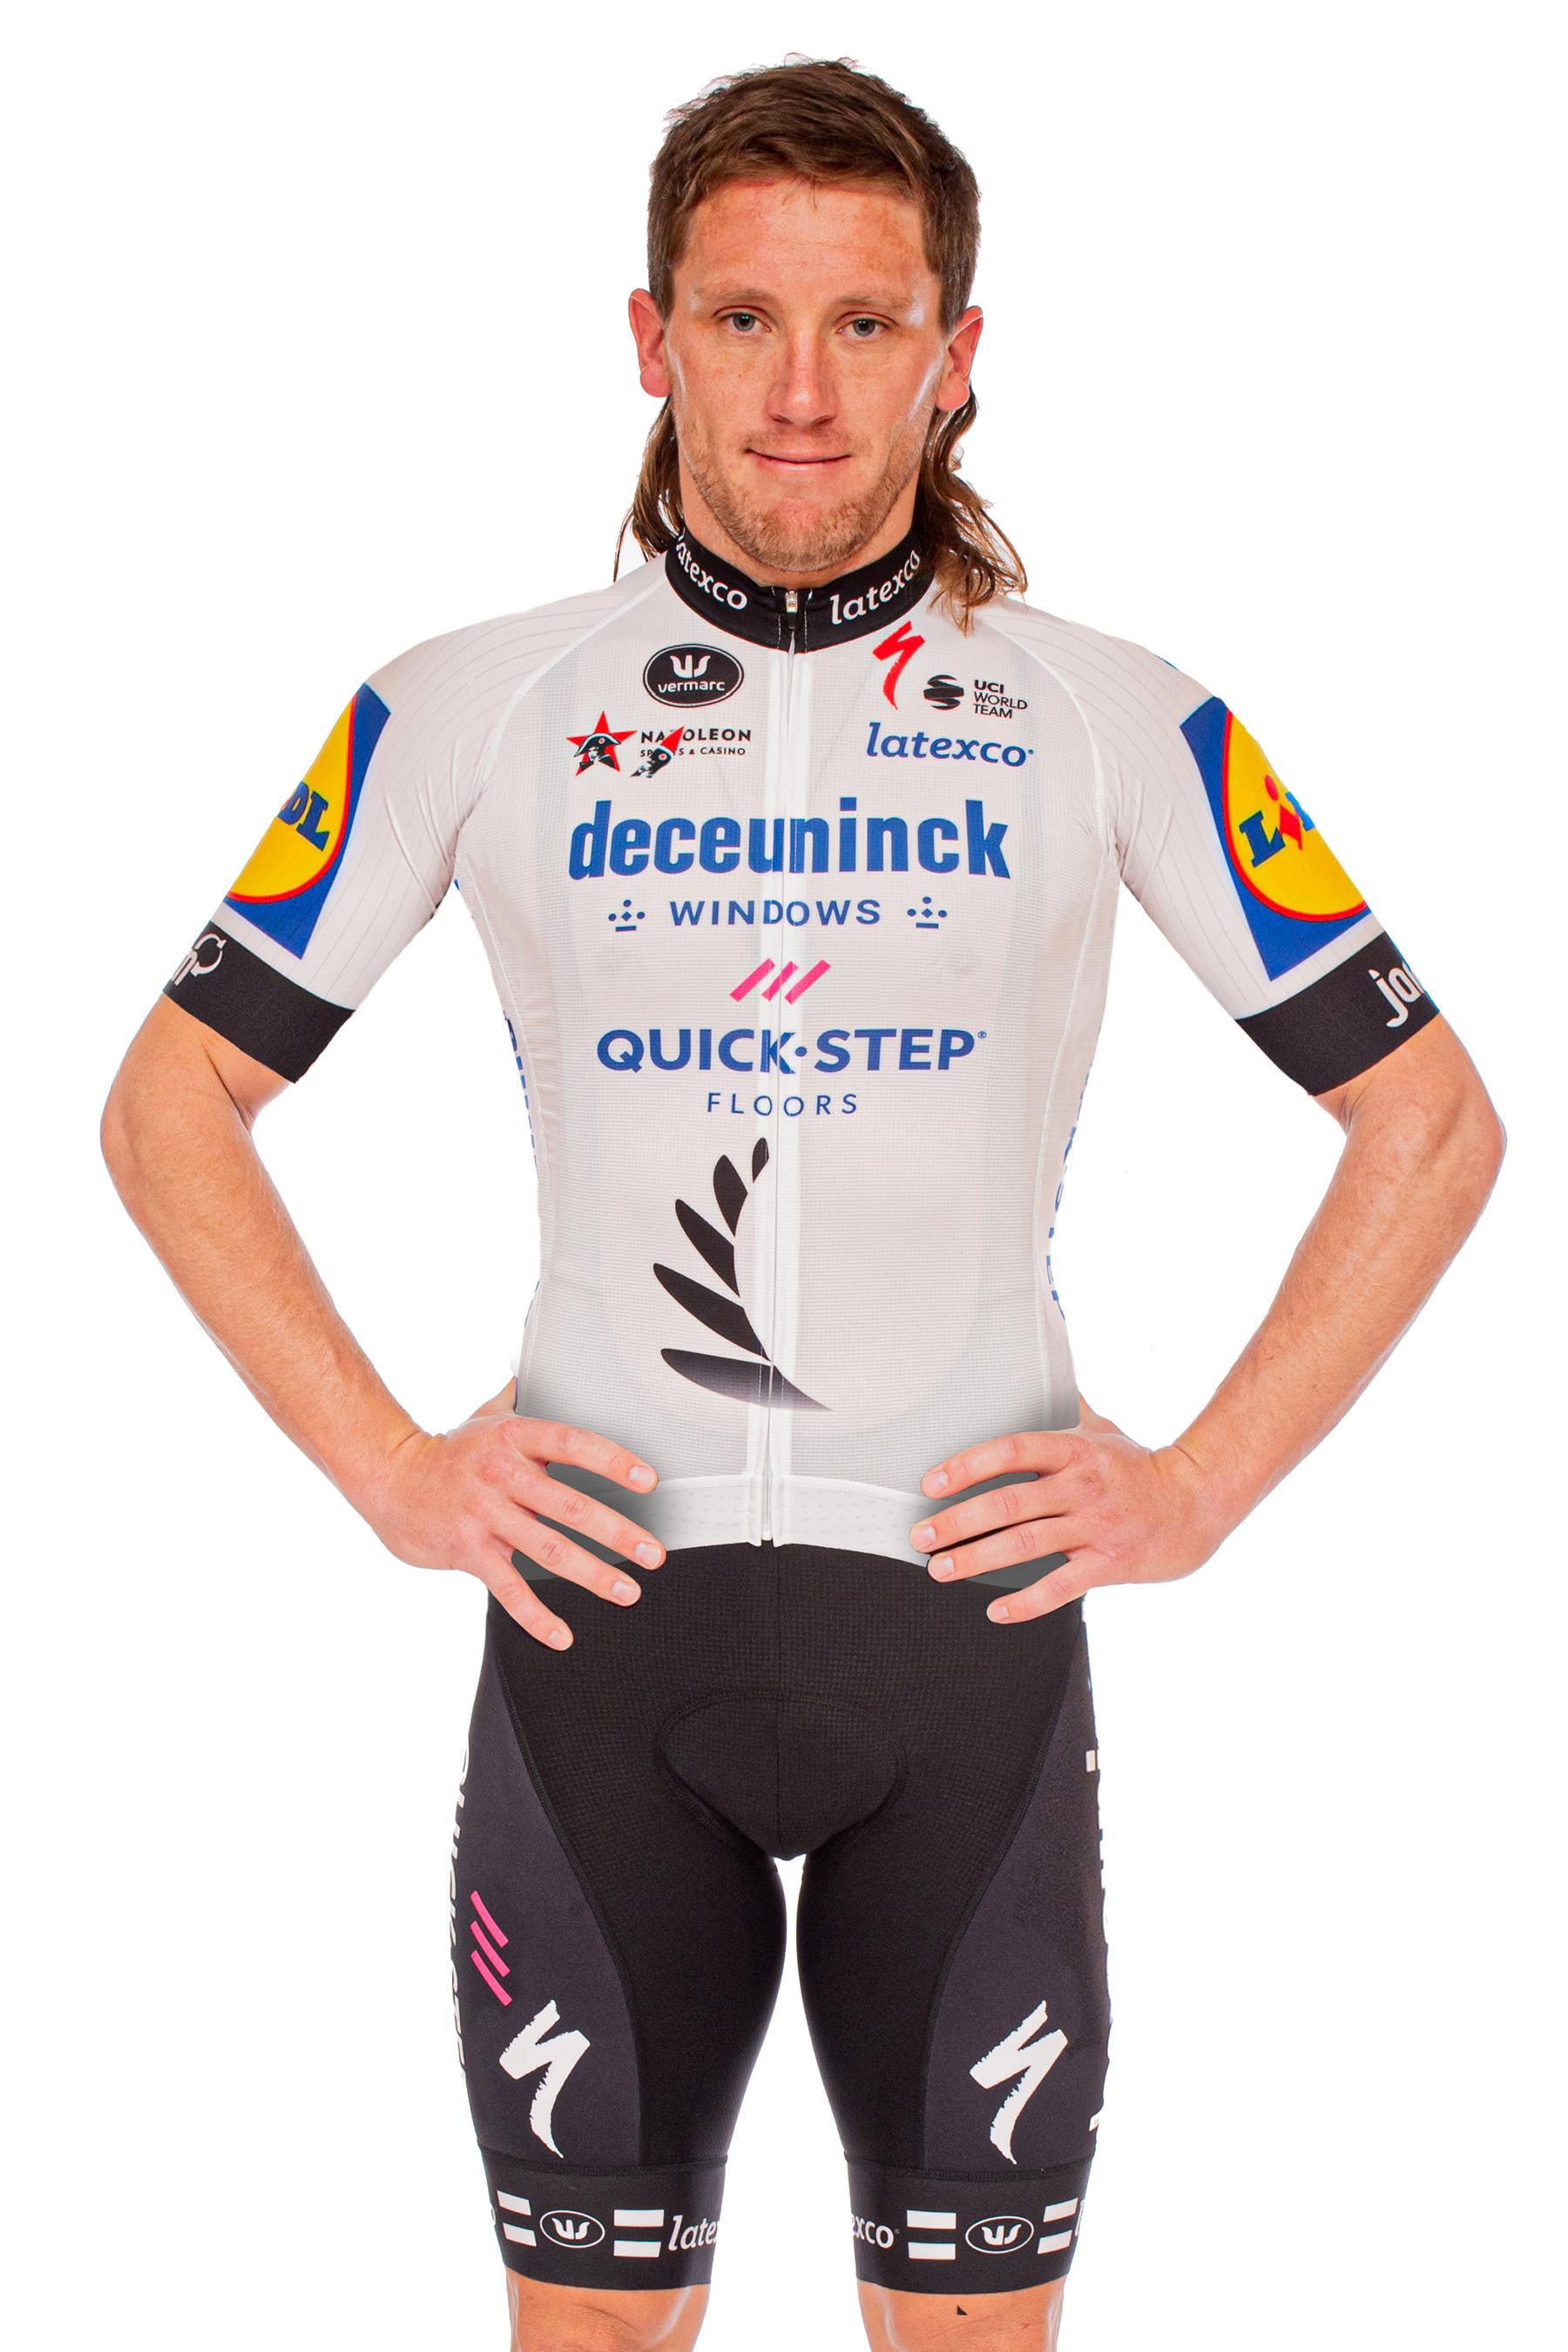 Shane Archbold Deceuninck 2021